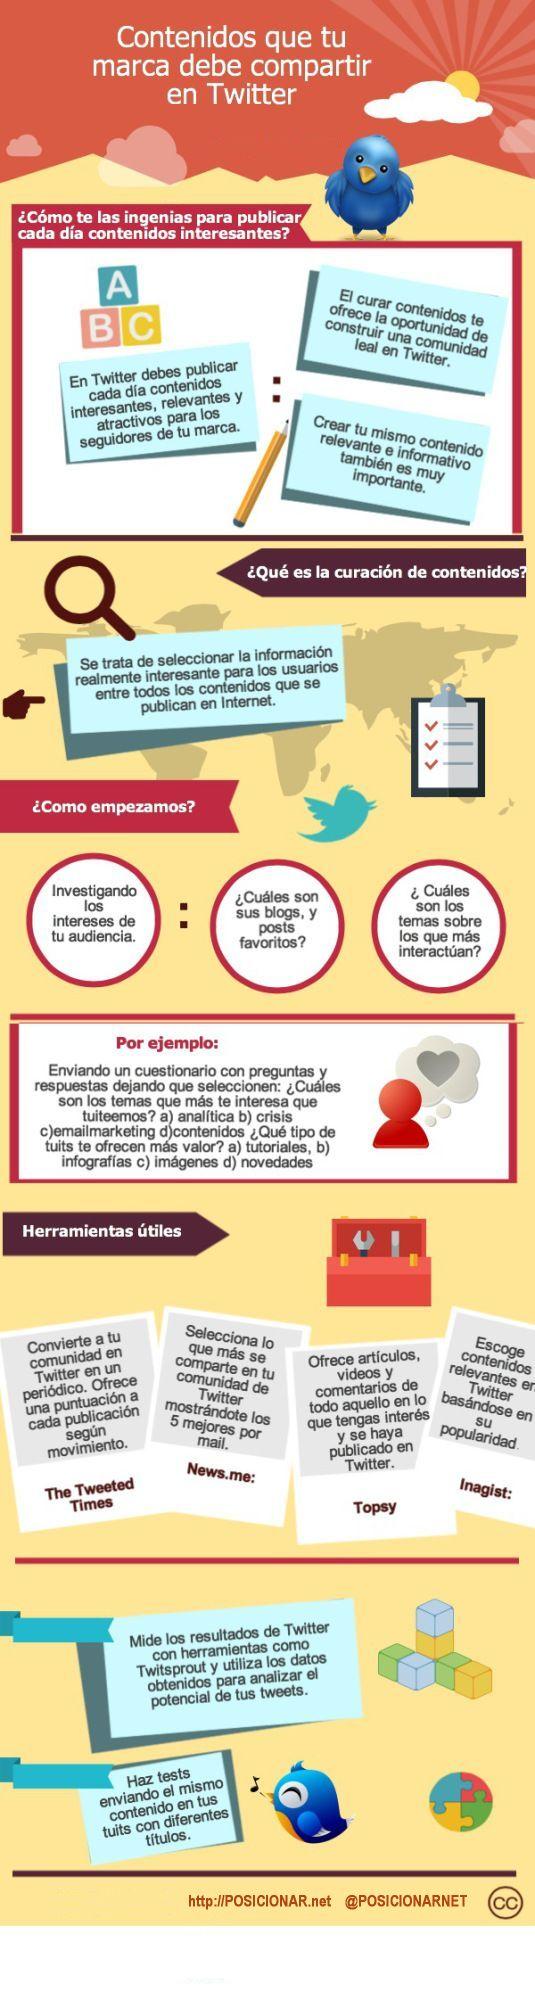 Infografía-Twitter-curacióndecontenidos-marca